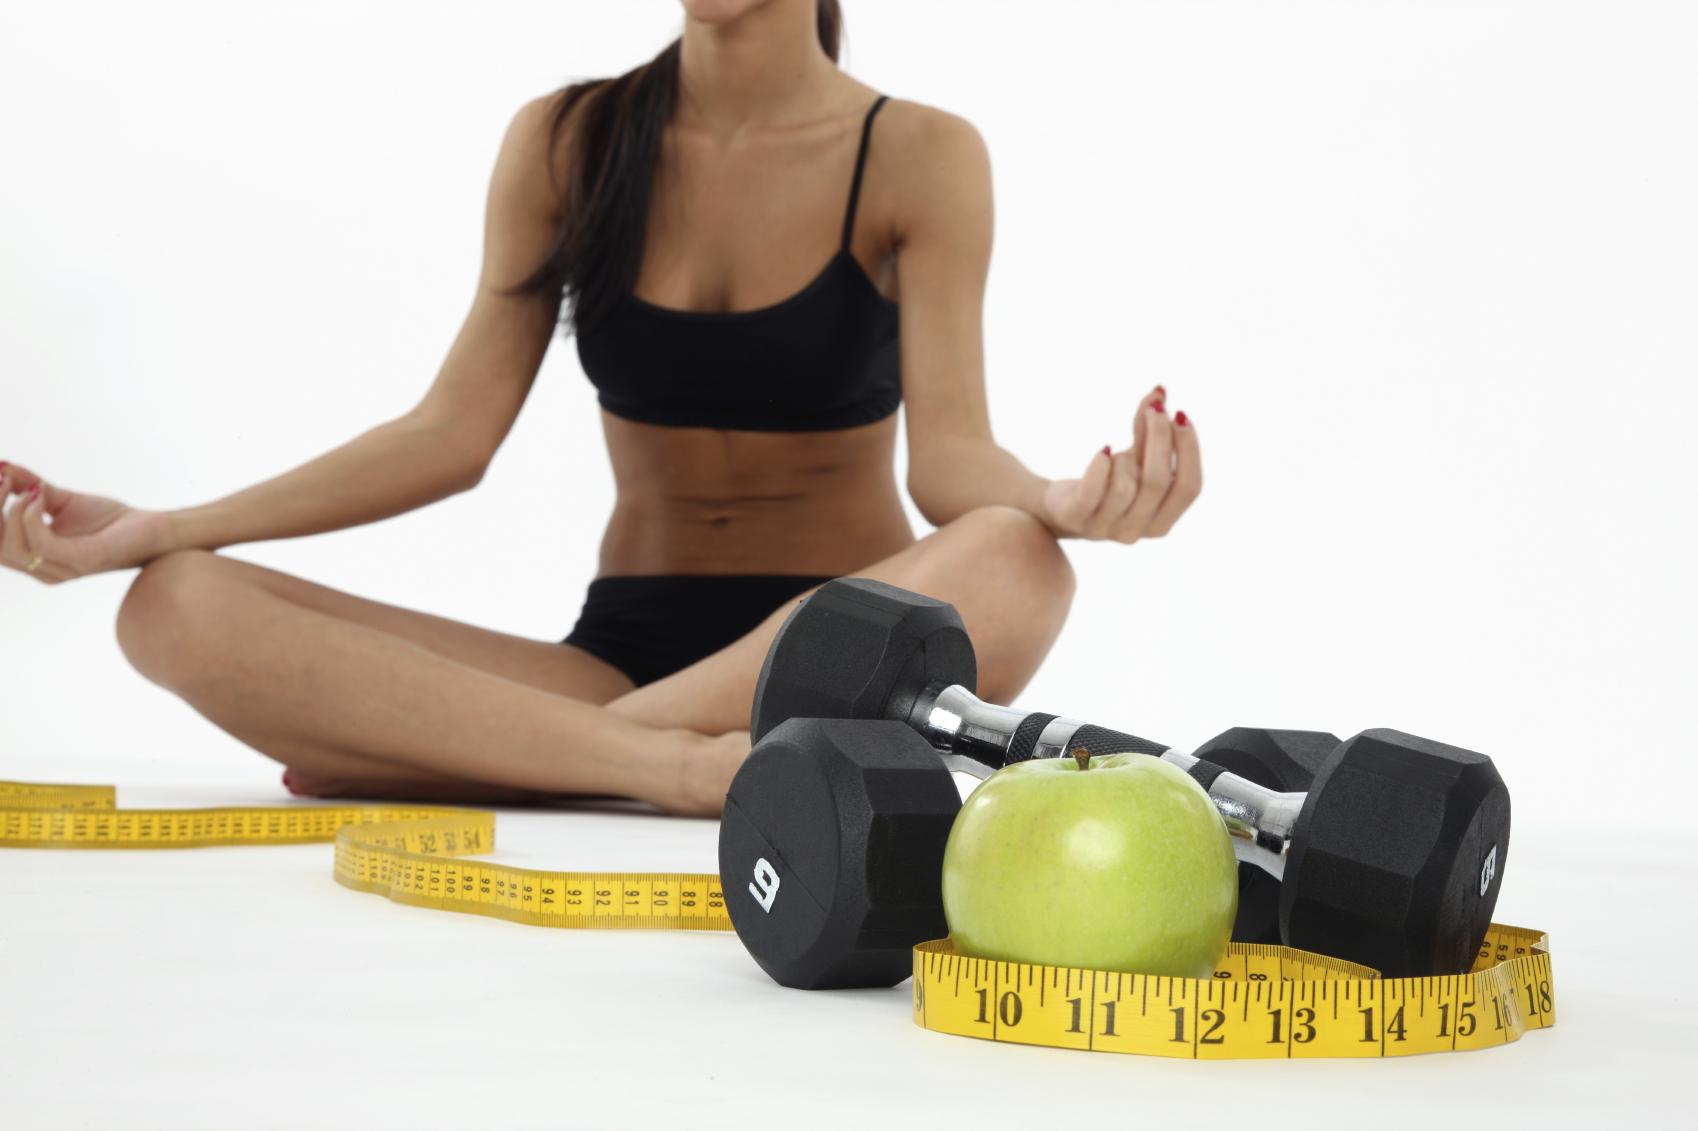 Factores que no ayudan al momento de ganar peso